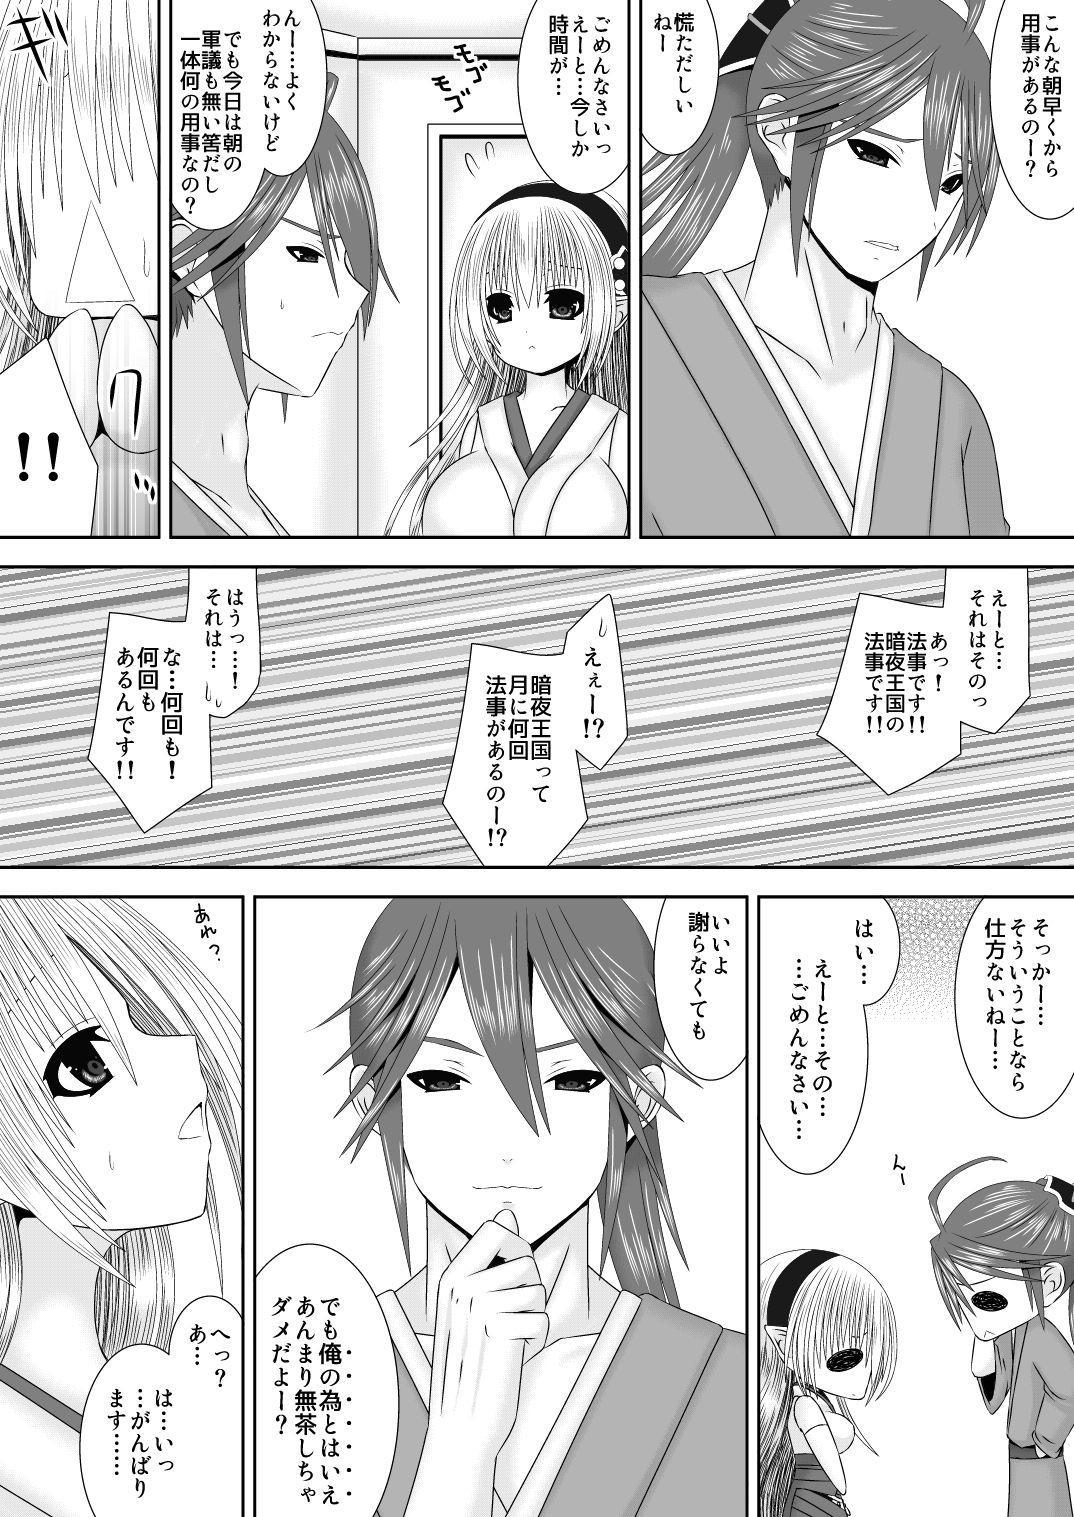 Kanpeki Darling 3